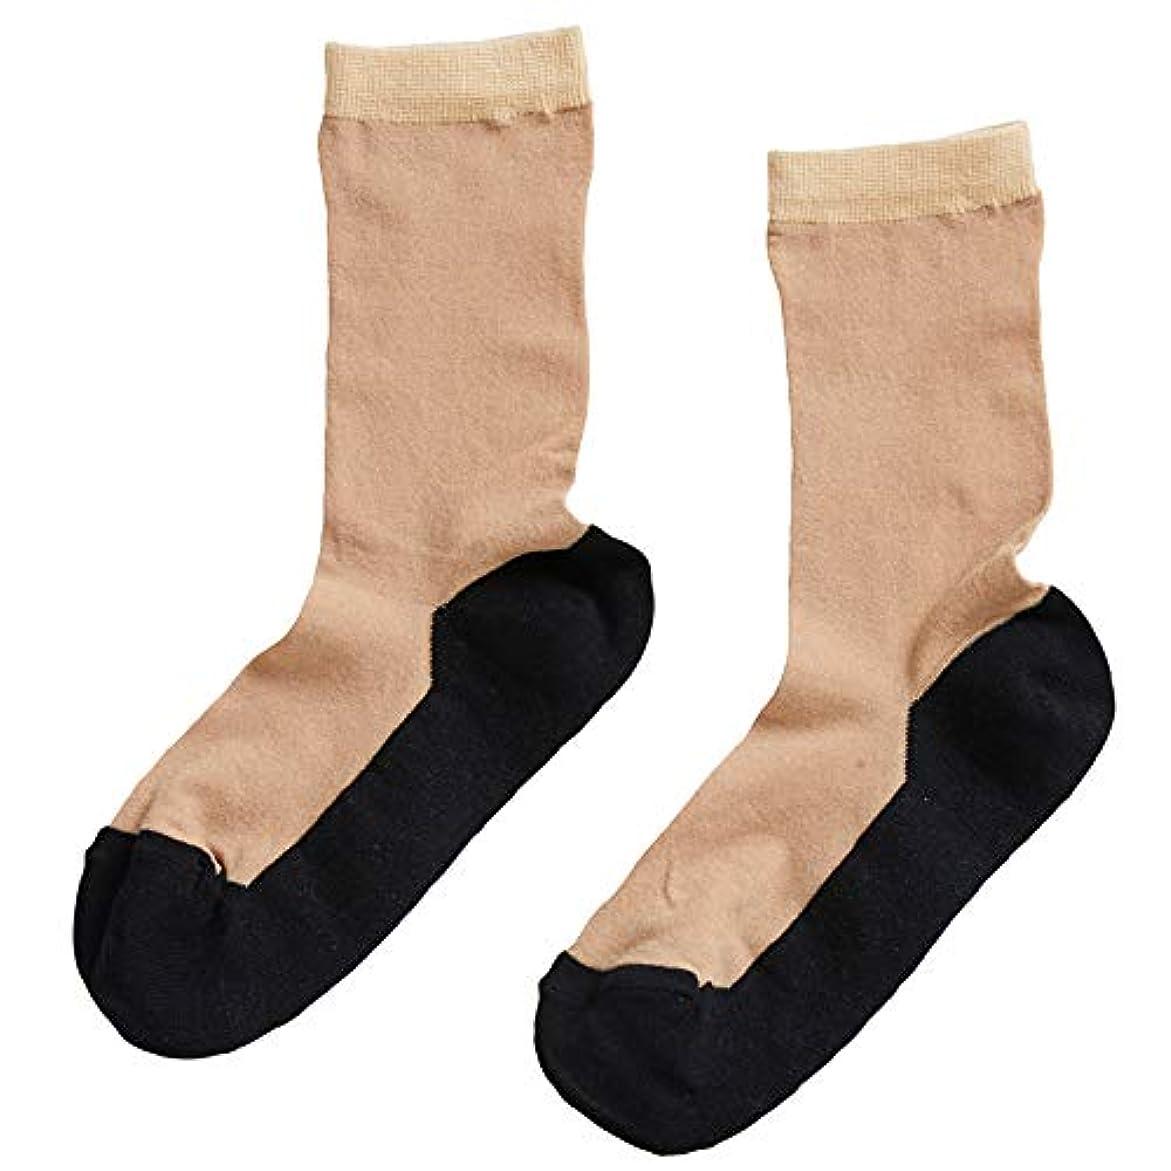 蓄積する予防接種スピリチュアルストッキングソックス ショートストッキング風 靴下 9457◆2足セット ブラック